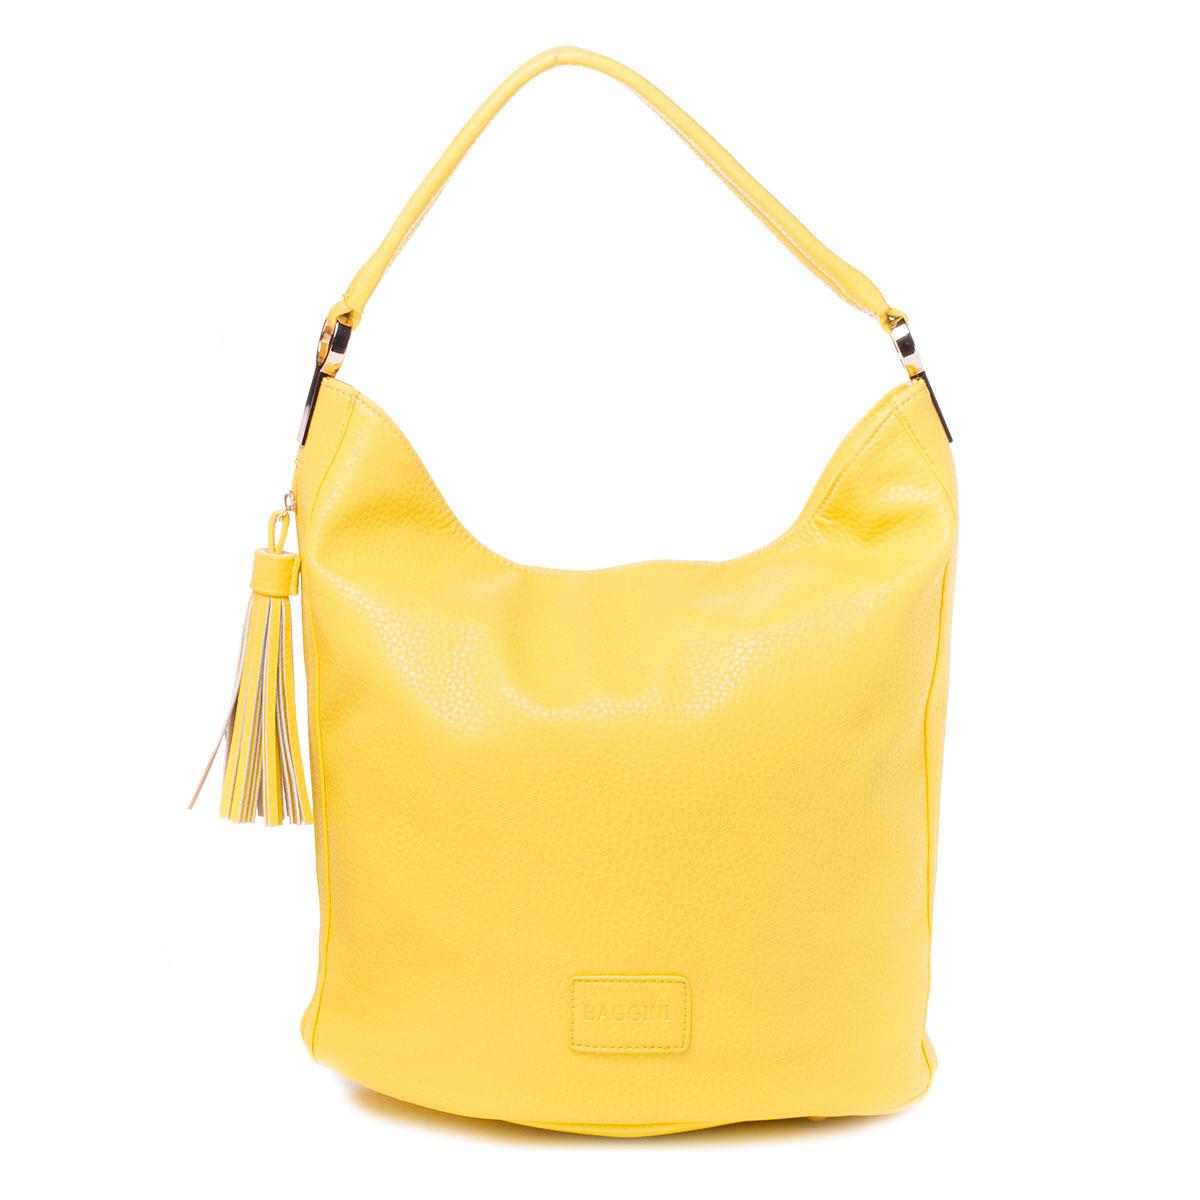 Сумка женская Baggini, цвет: желтый. 29702/8229702/82